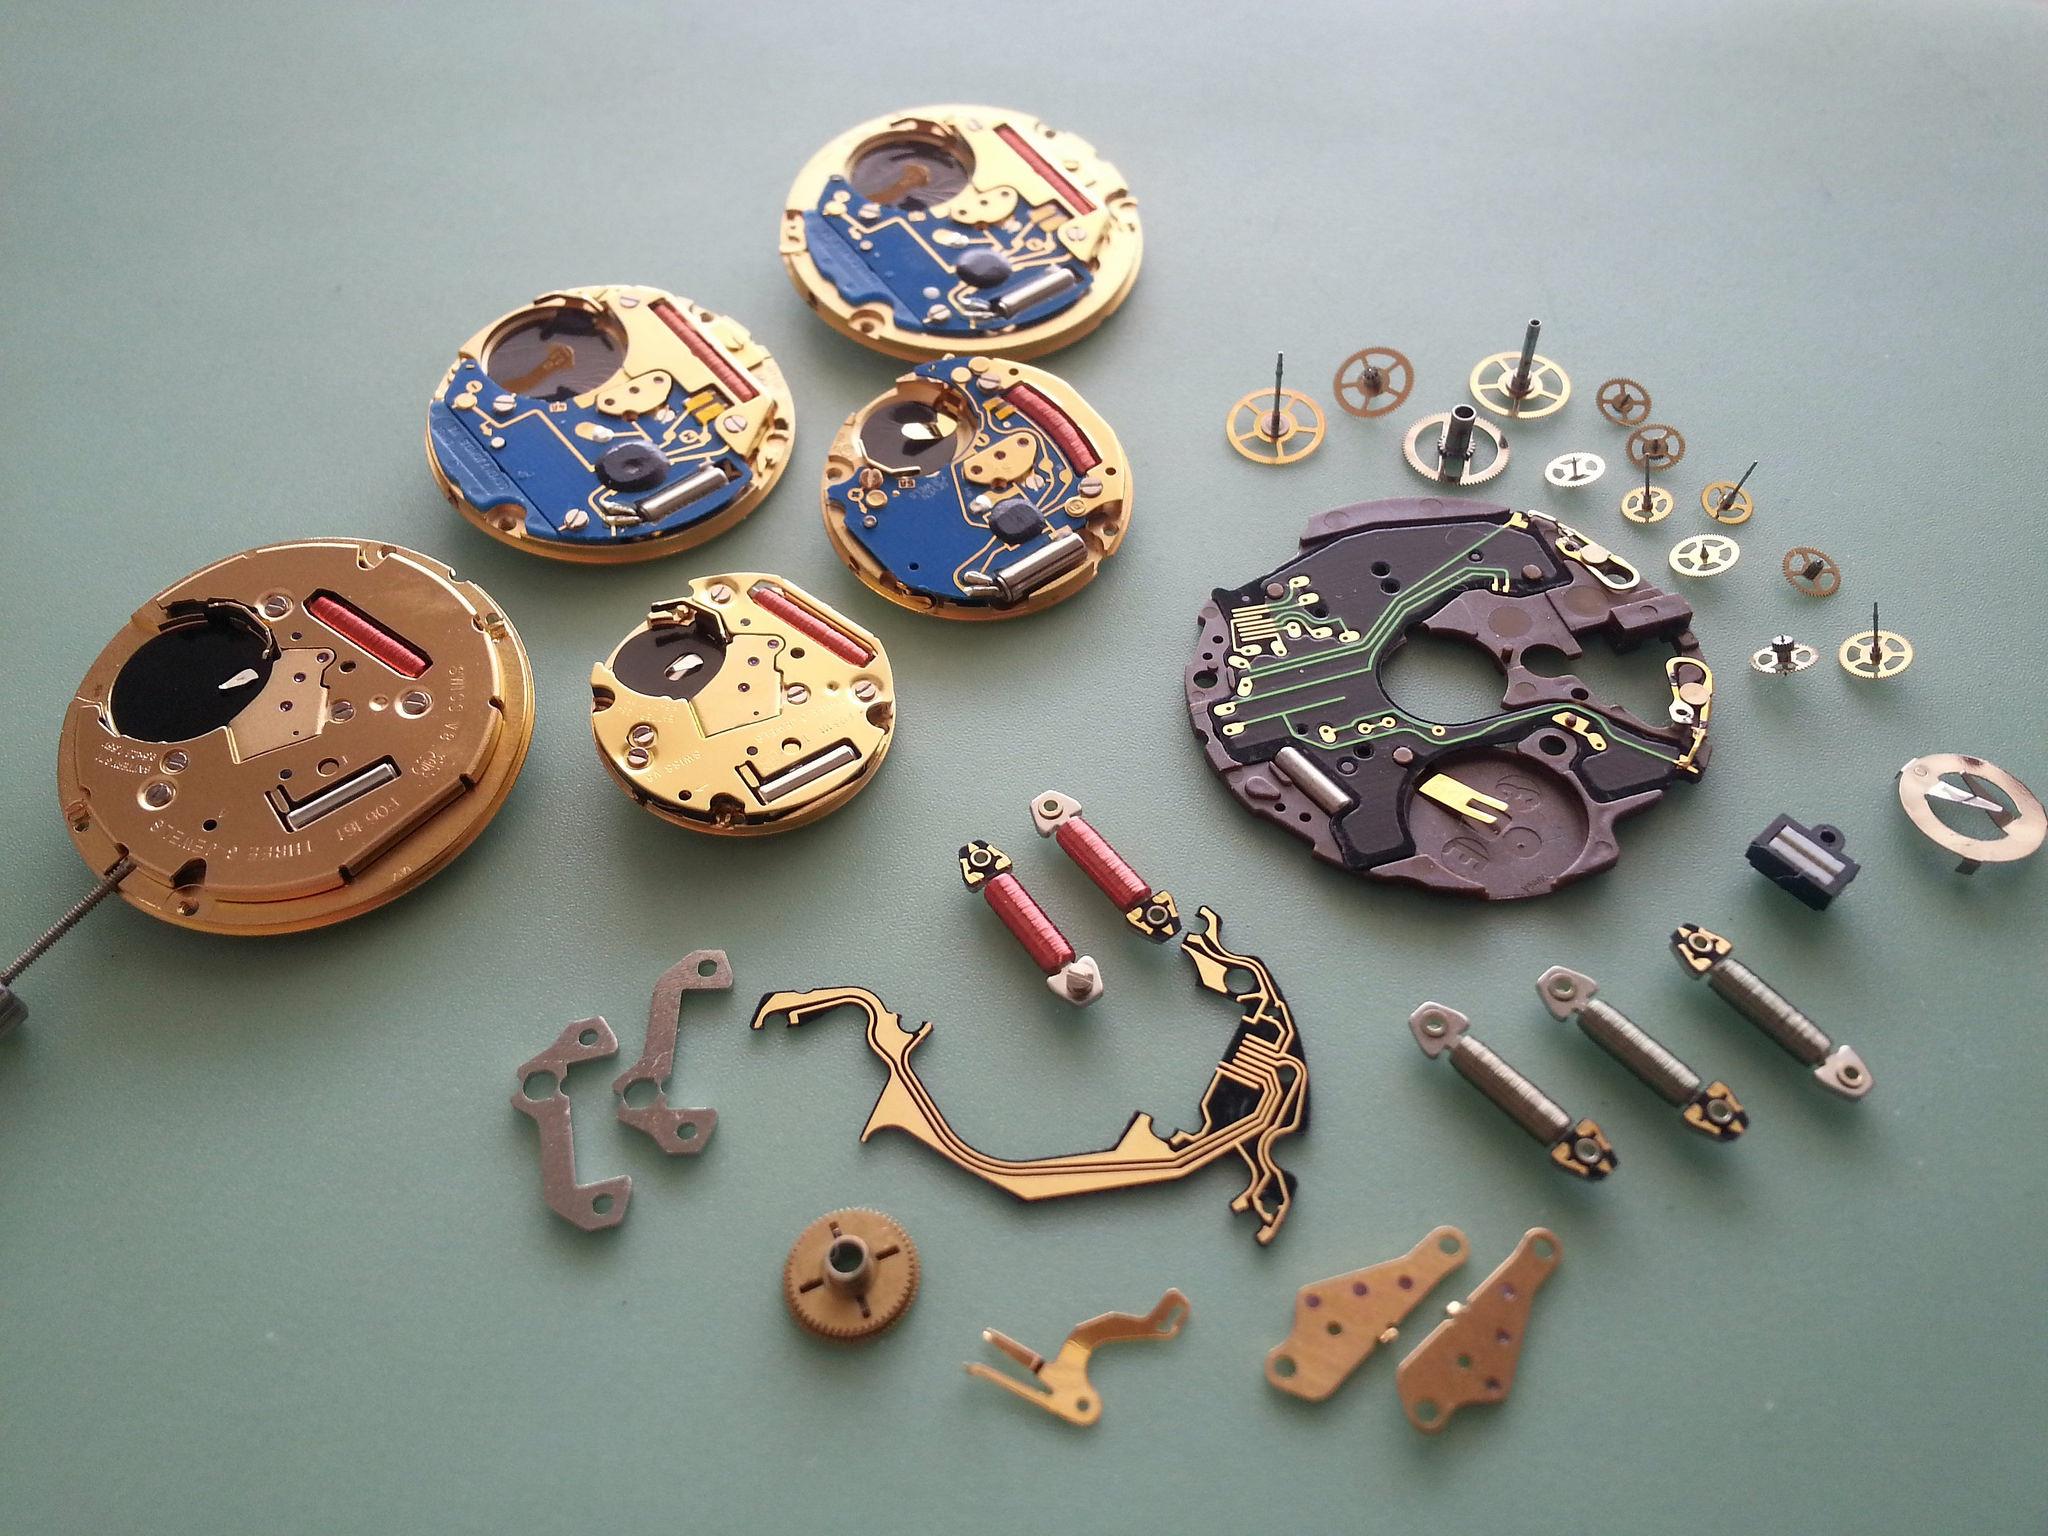 Ma montre est-elle une mécanique… ou une quartz ?